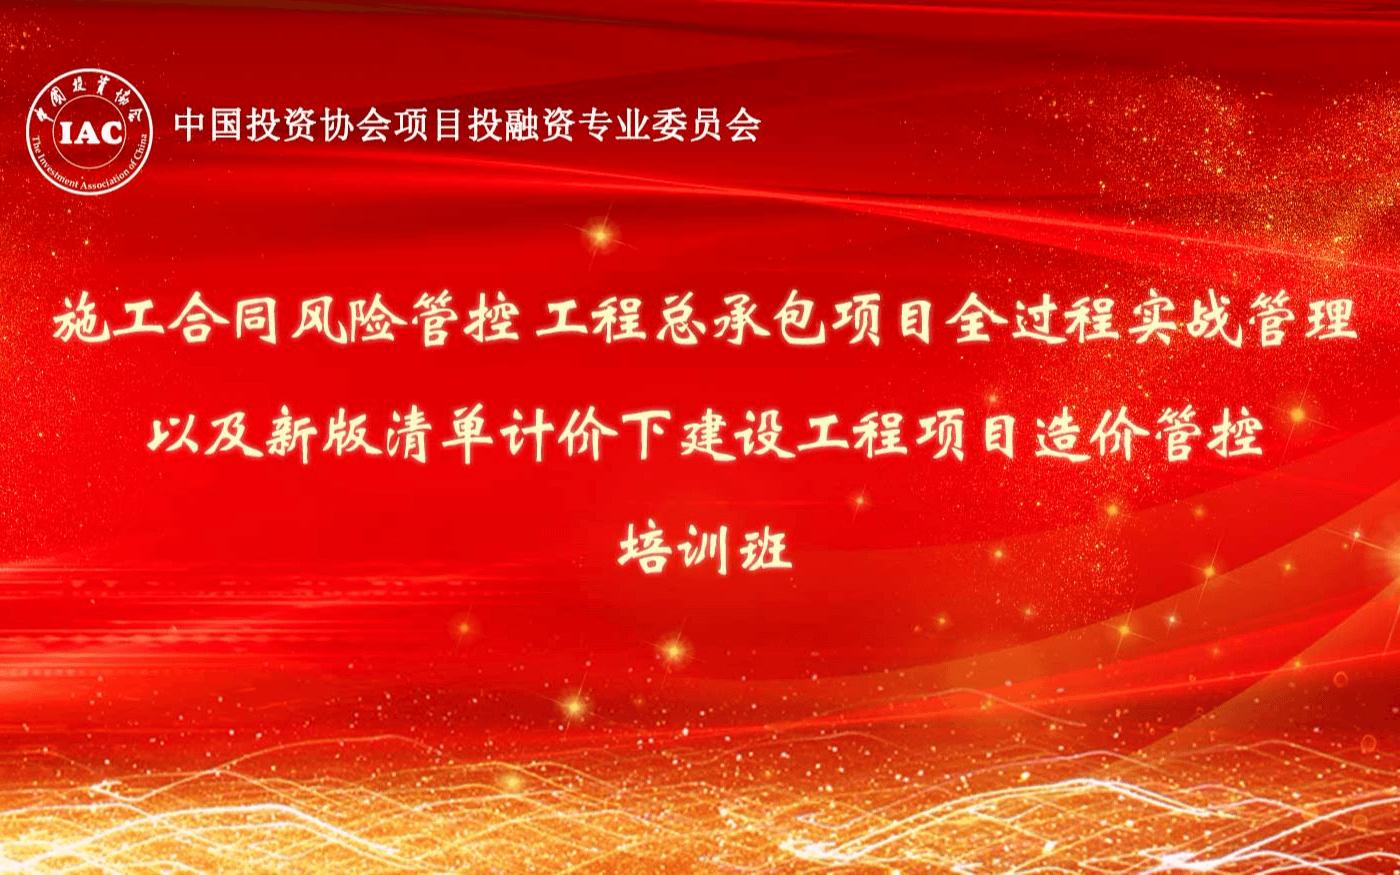 2020施工合同风险管控工程总承包项目全过程实战管理以及新版清单计价下建设工程项目造价管控培训班(1月北京班)